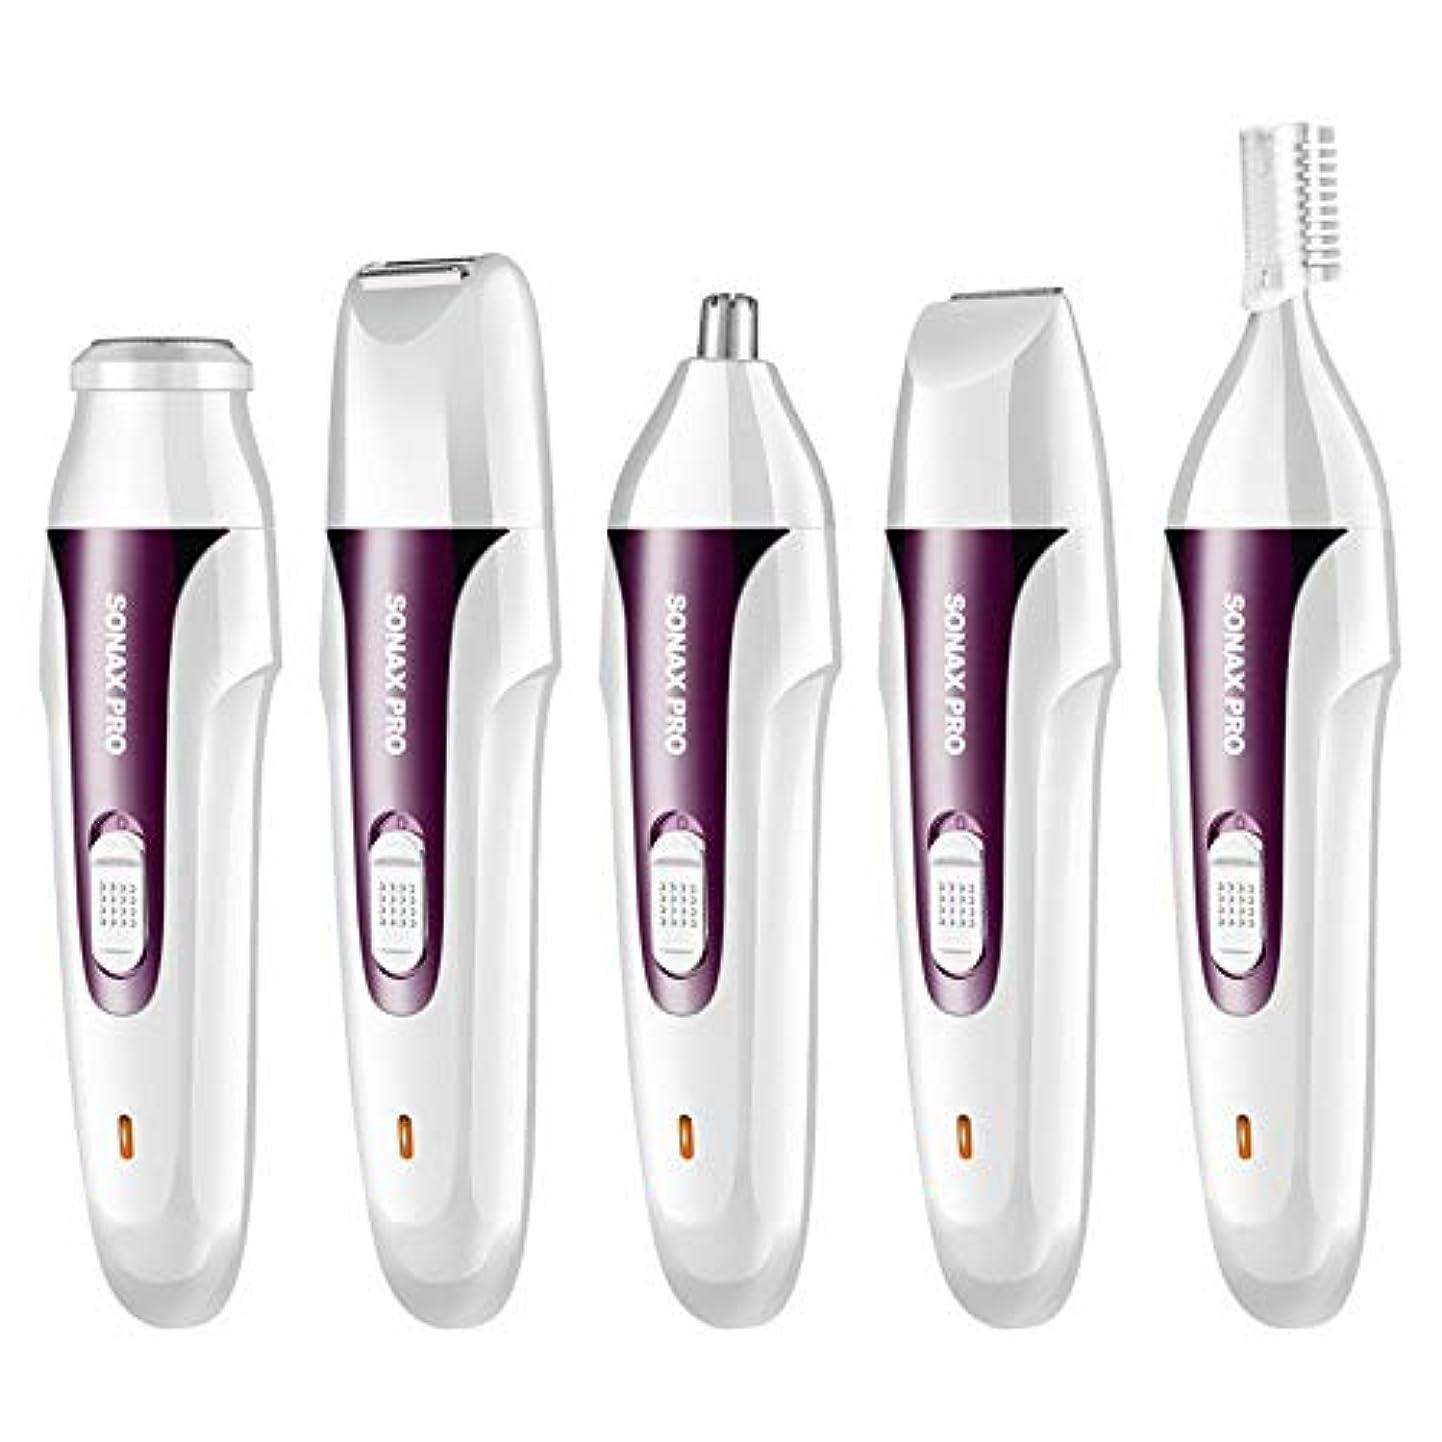 仮定、想定。推測遠えスペース鼻毛カッター はなげカッター 電気鼻耳トリマー、眉毛トリマー、オールインONEヘアーリムーバー女性、無痛カミソリテクノロジー (Color : Purple, Size : USB)